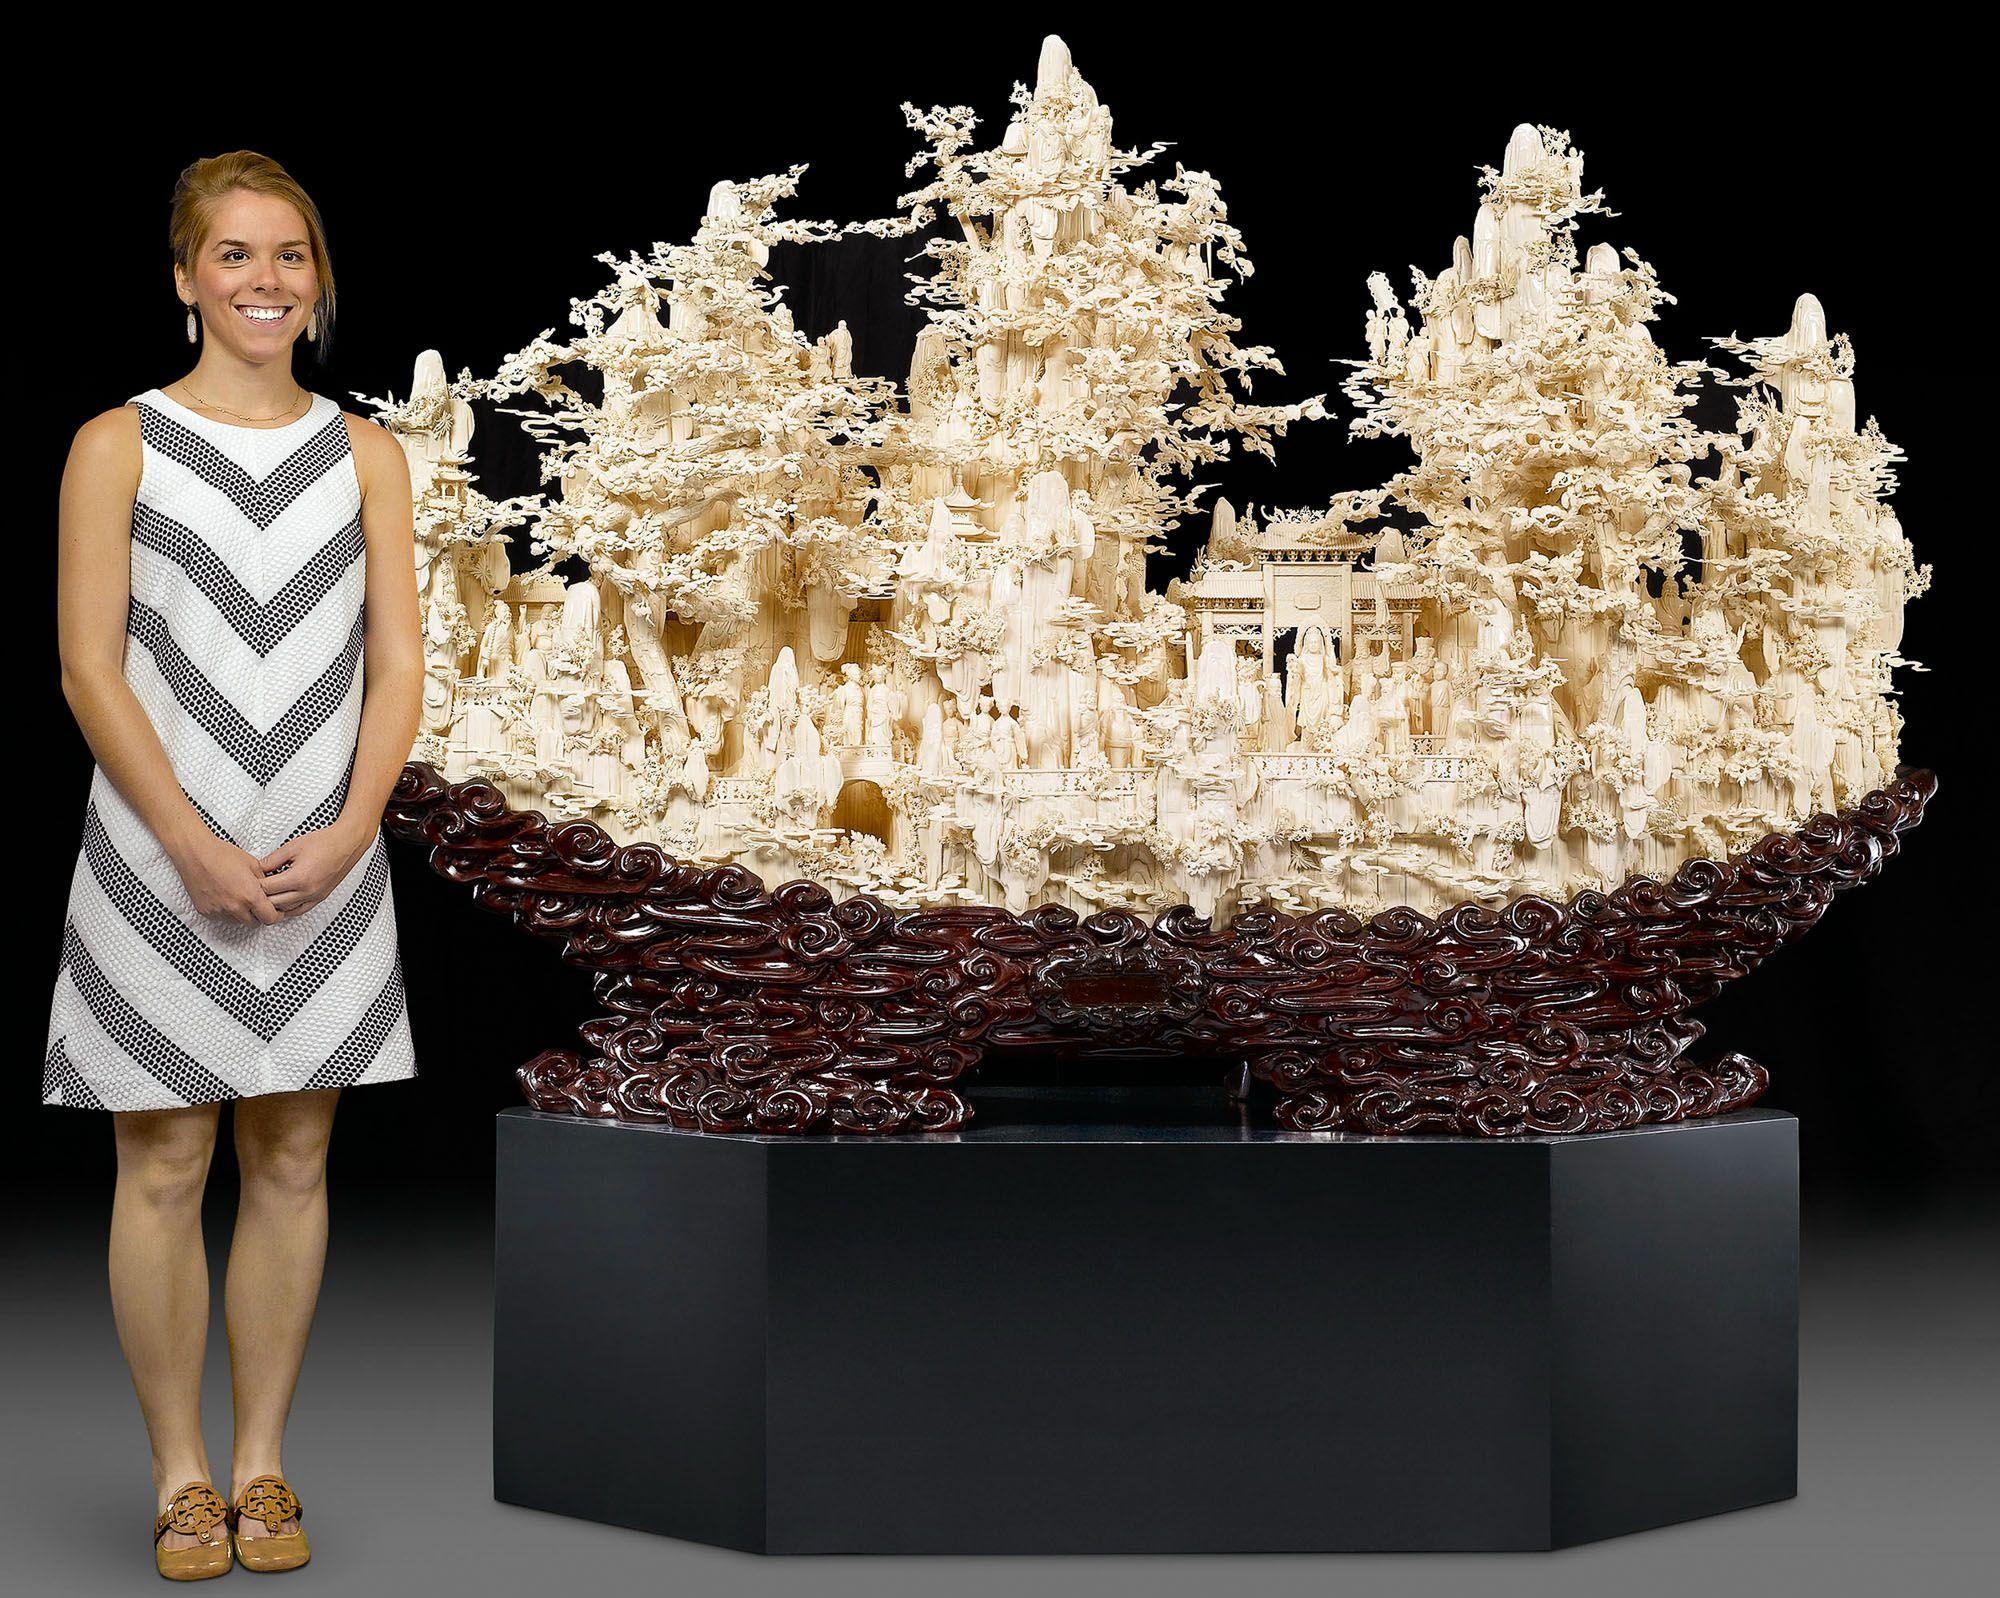 Asian Art Chinese Carved Bone Mountain Sculpture Arte De Talla De Madera Expresiones Del Arte Arte Chino